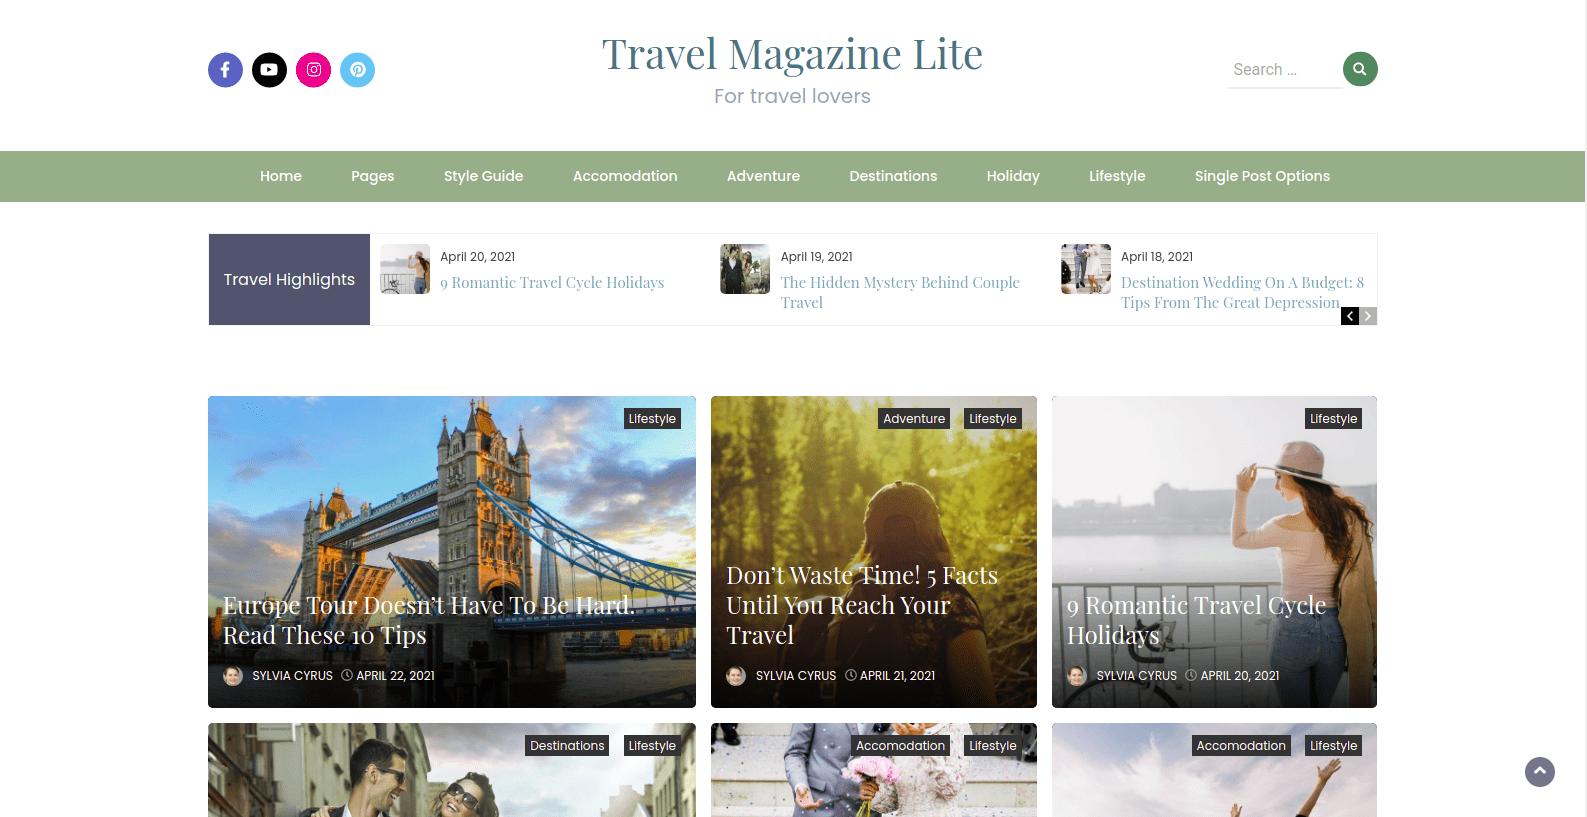 Travel Magazine Lite